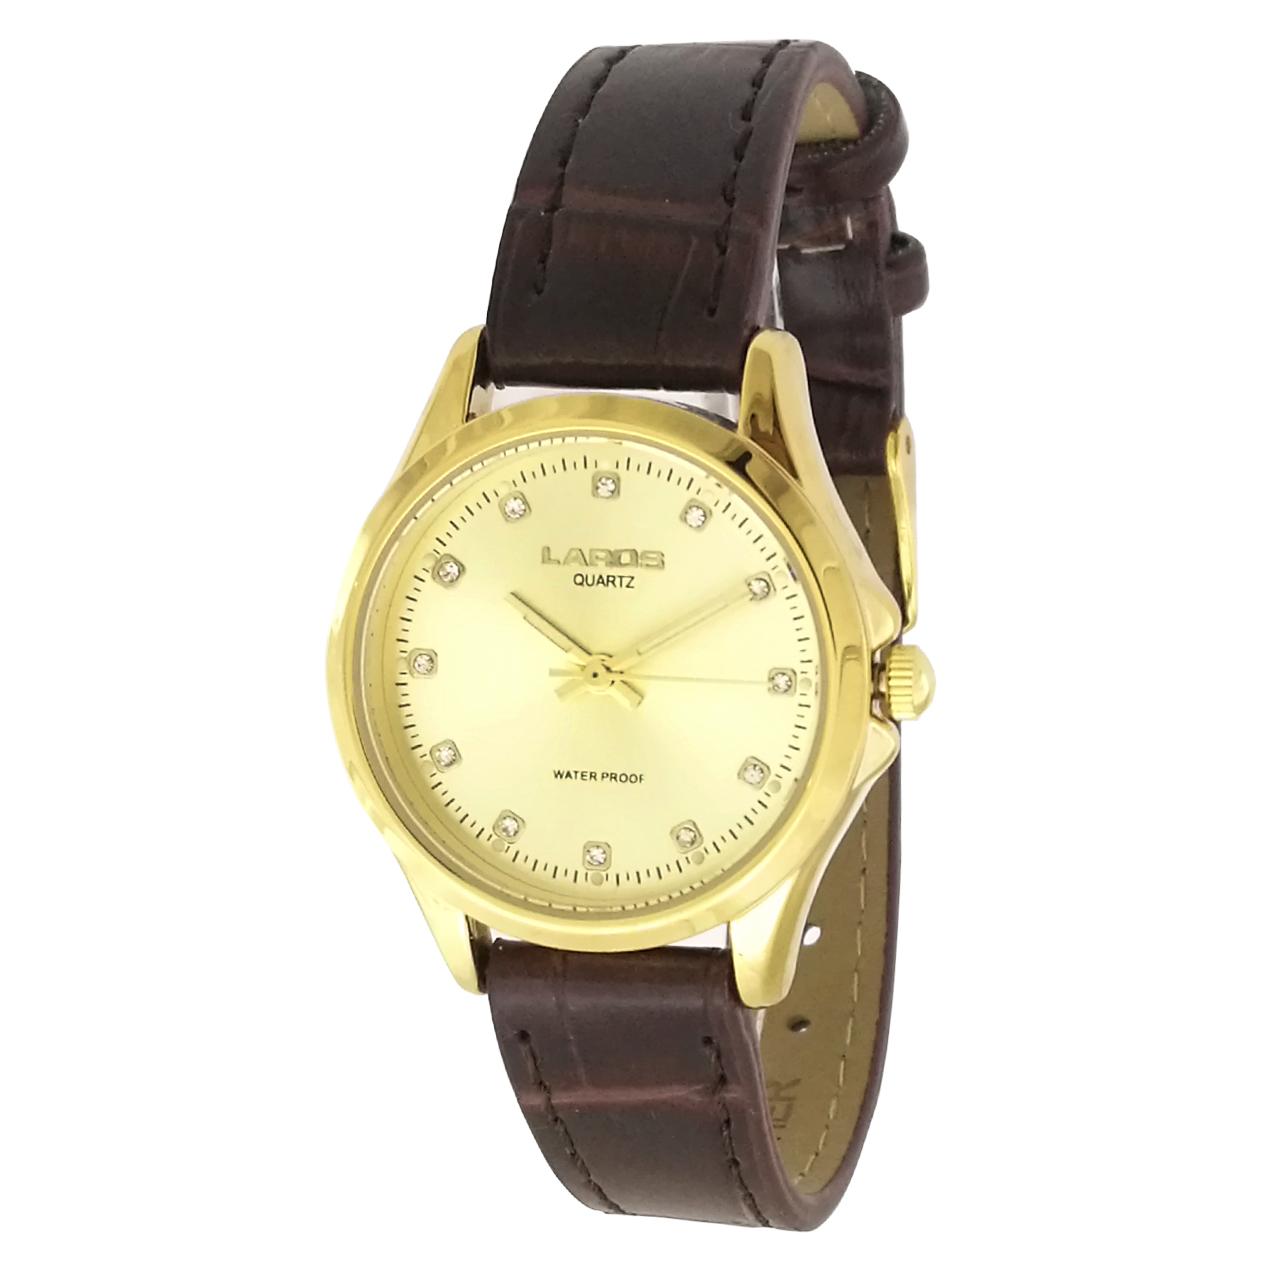 ساعت مچی عقربه ای زنانه لاروس مدل  0118-80227-s به همراه دستمال مخصوص برند کلین واچ 51